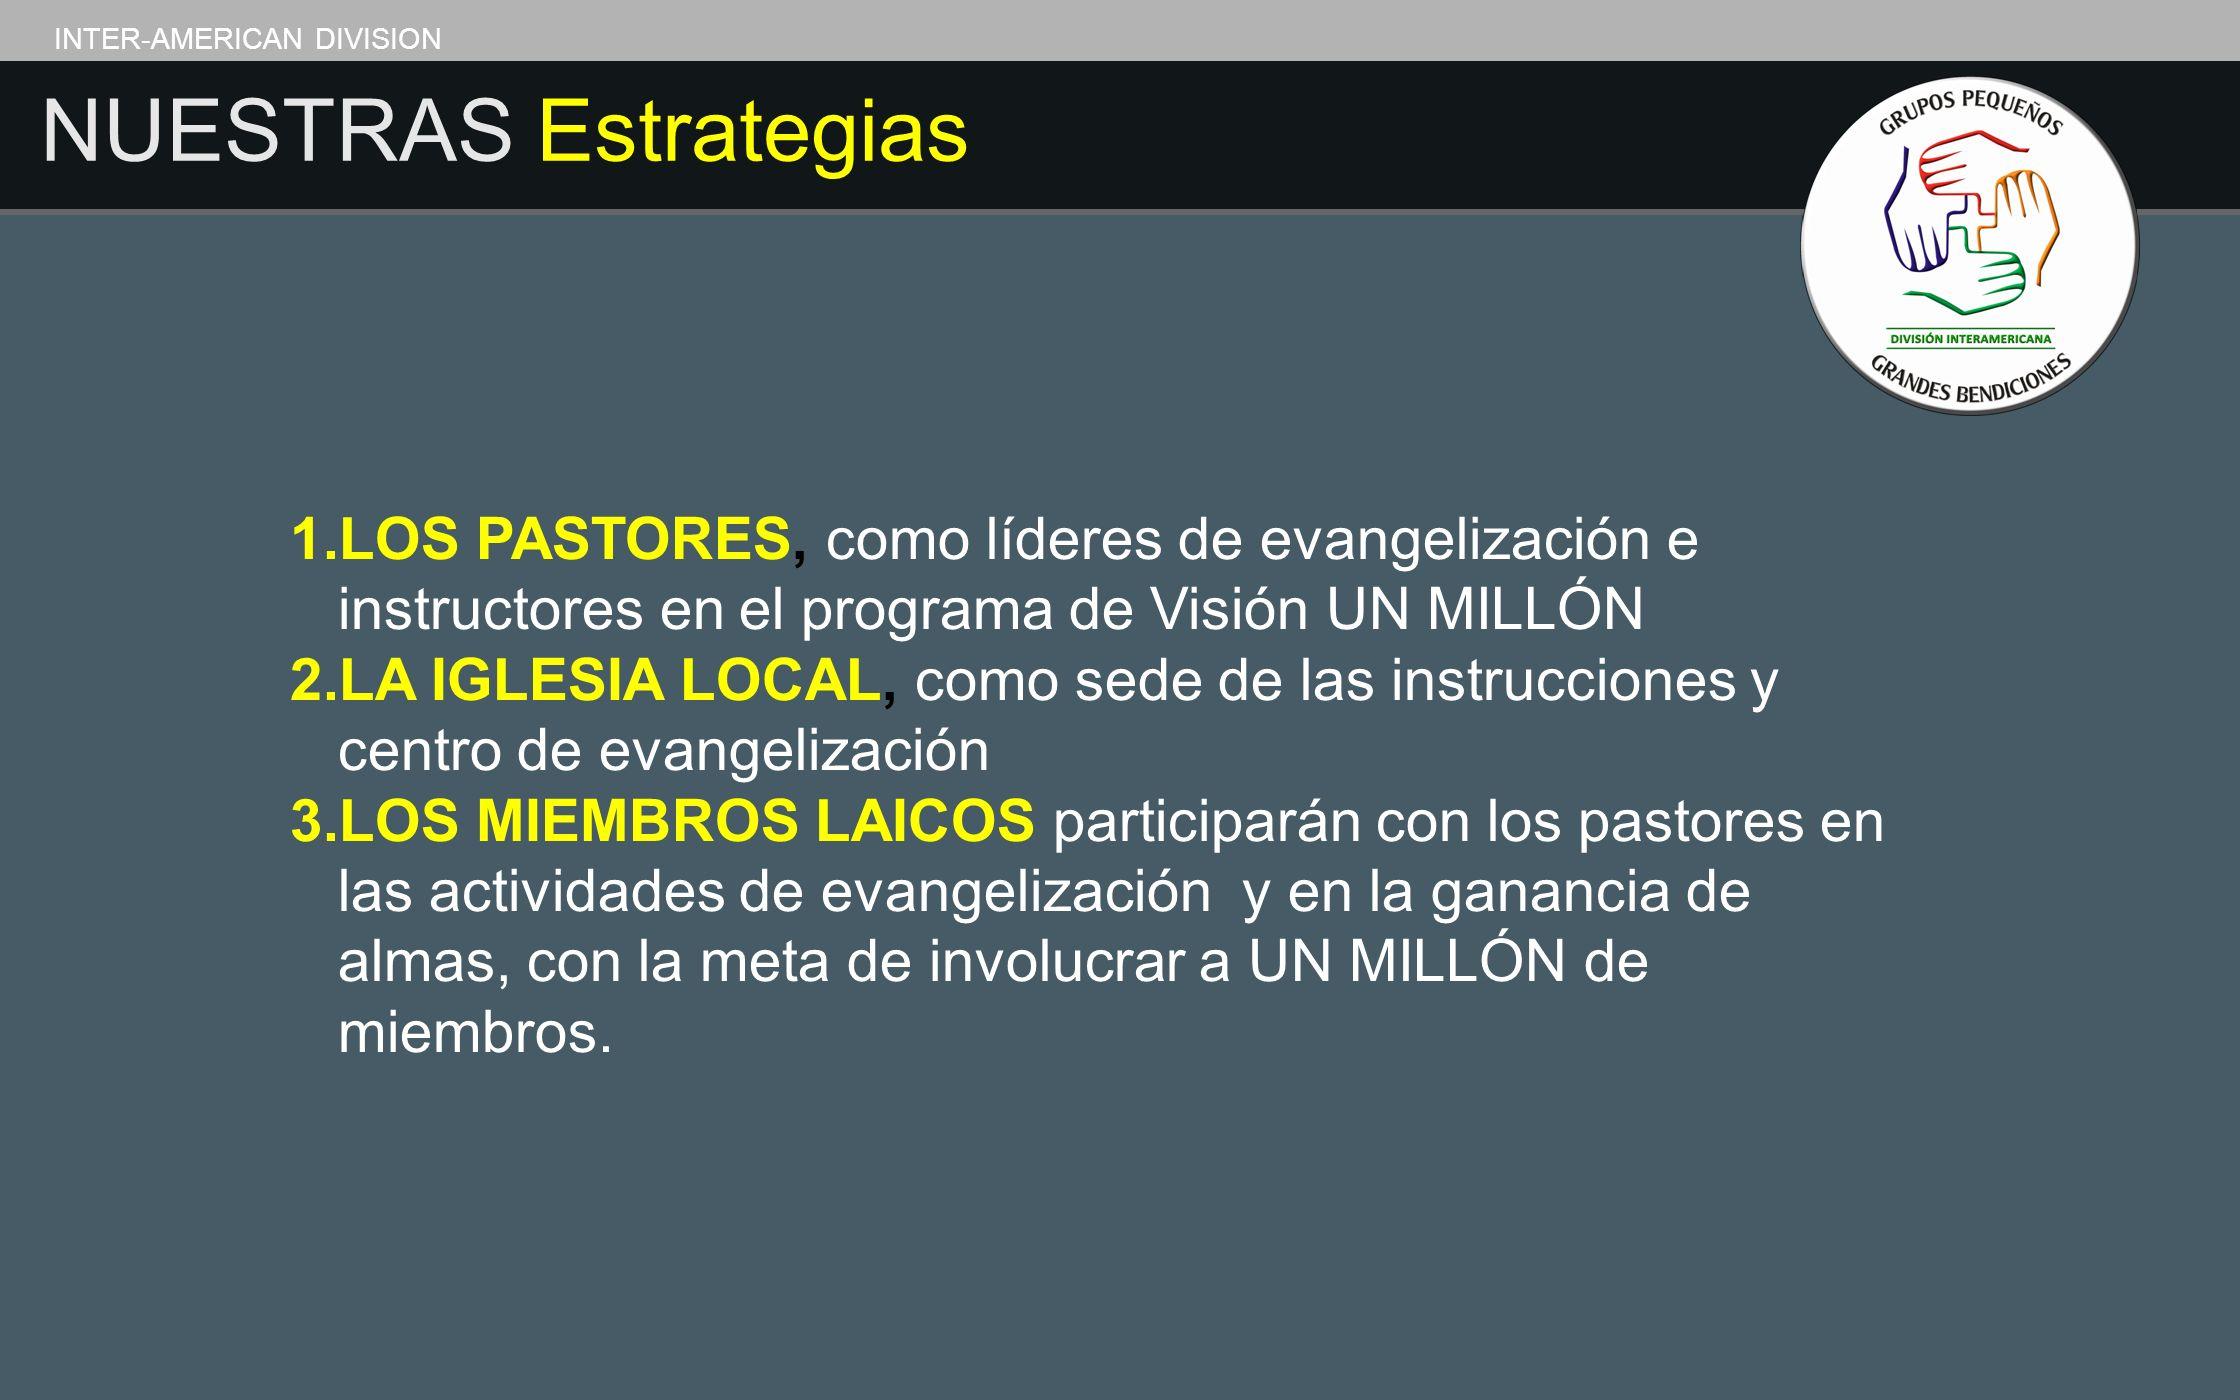 INTER-AMERICAN DIVISION NUESTRAS Estrategias 1.LOS PASTORES, como líderes de evangelización e instructores en el programa de Visión UN MILLÓN 2.LA IGL